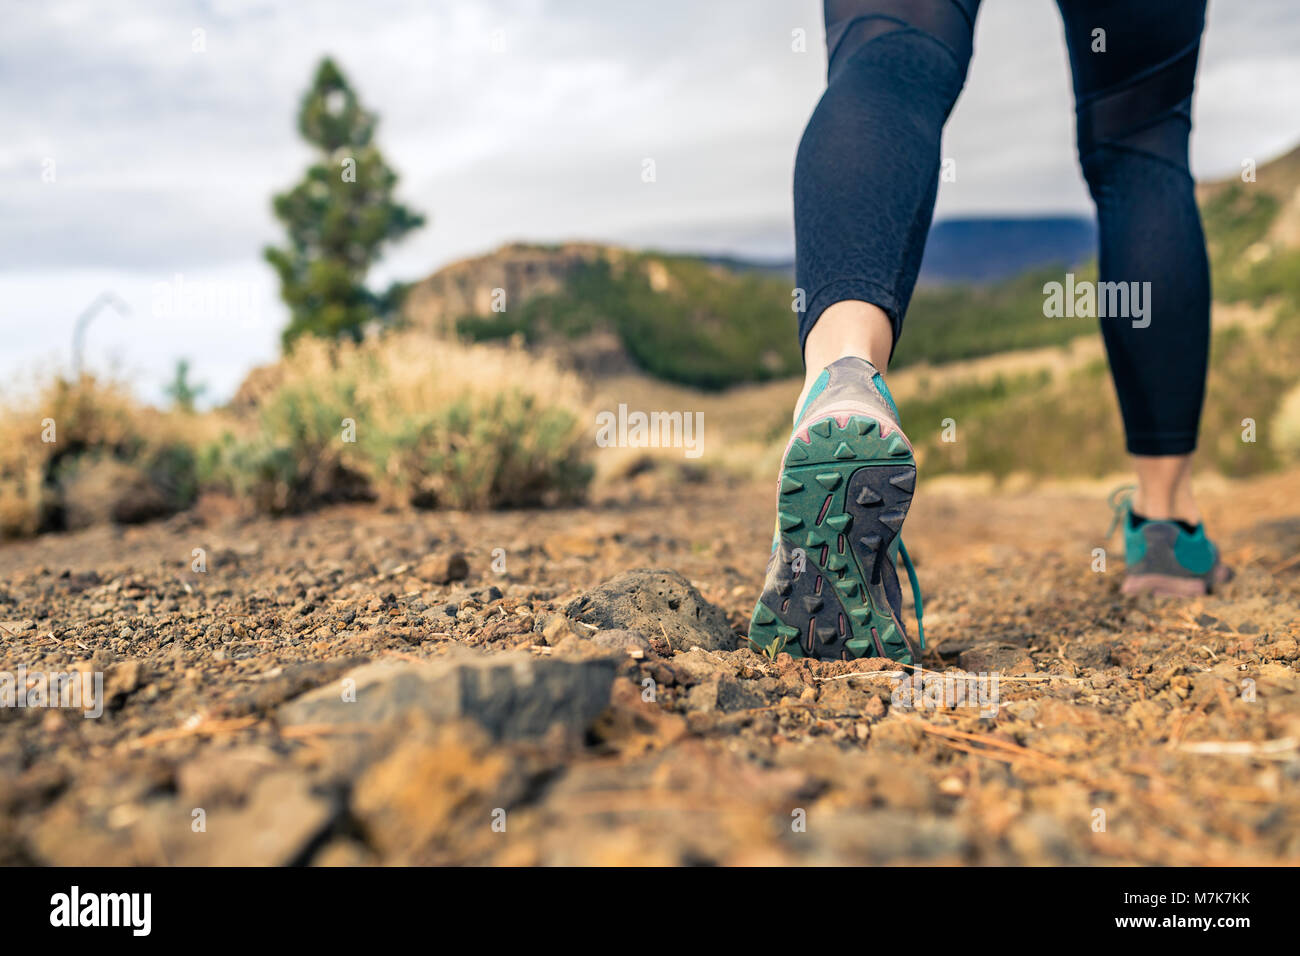 Suela de zapato deportivo caminando en las montañas en el camino rocoso. Corredor de cross country formación Imagen De Stock